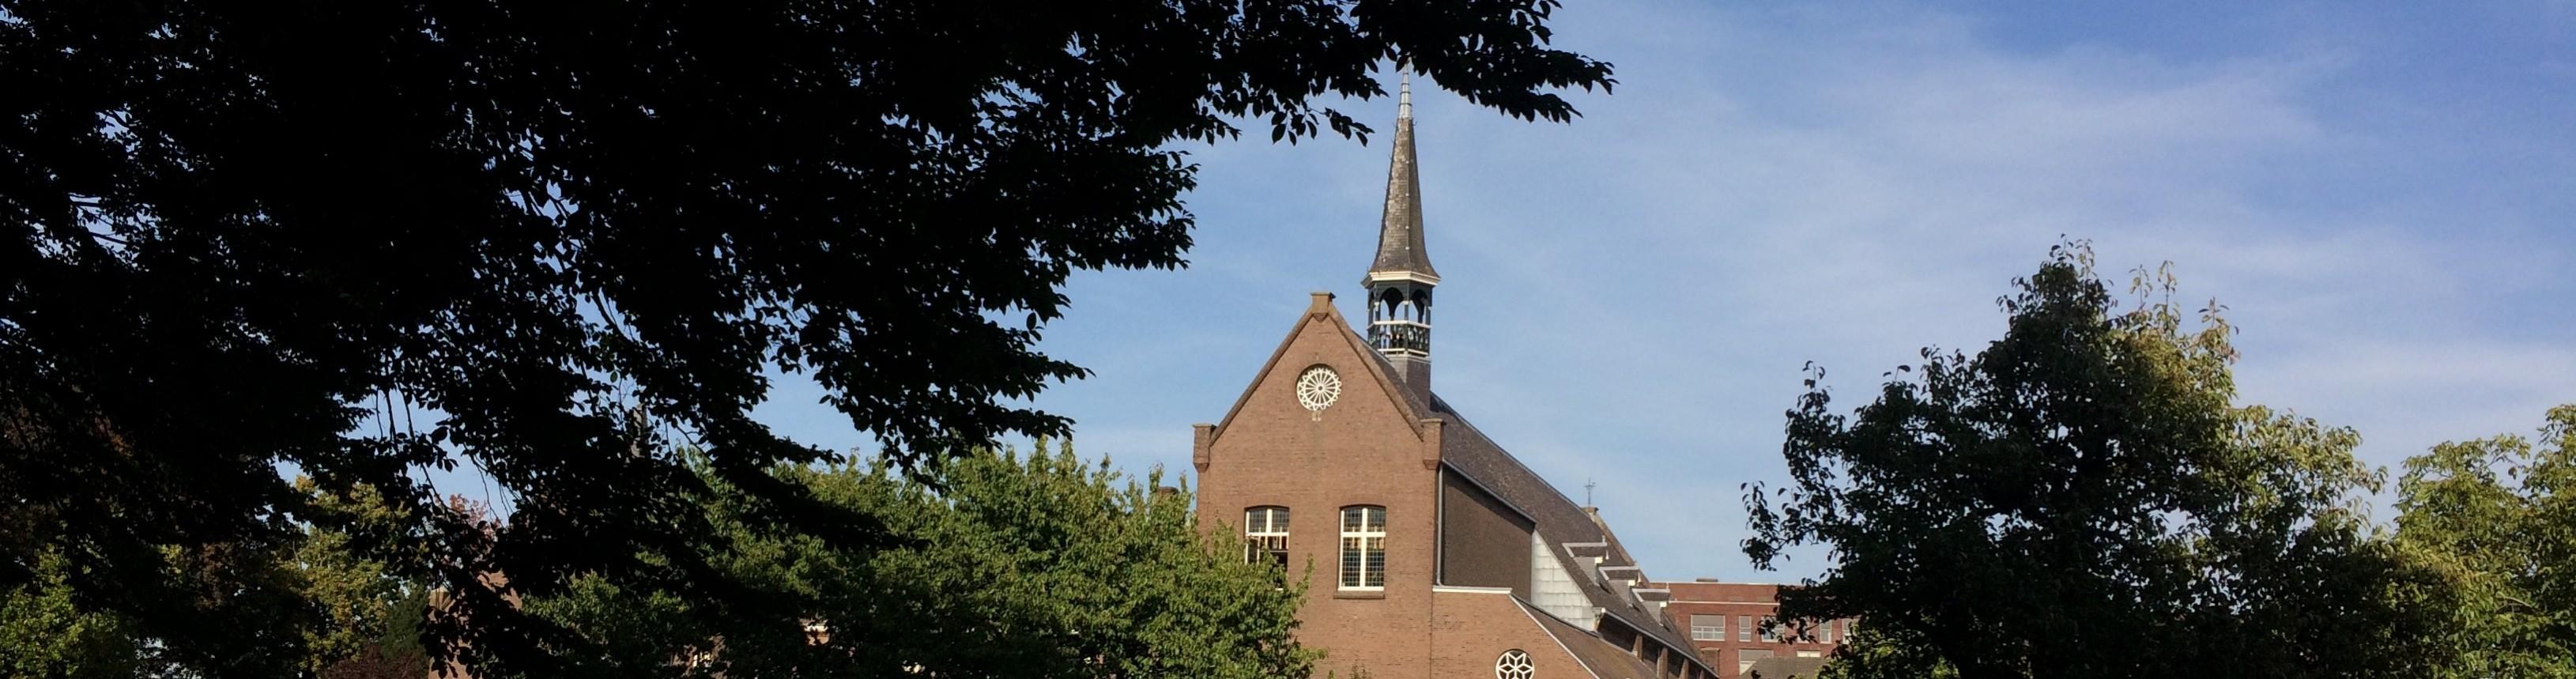 Het Klooster Breda gebouw vanuit de tuin